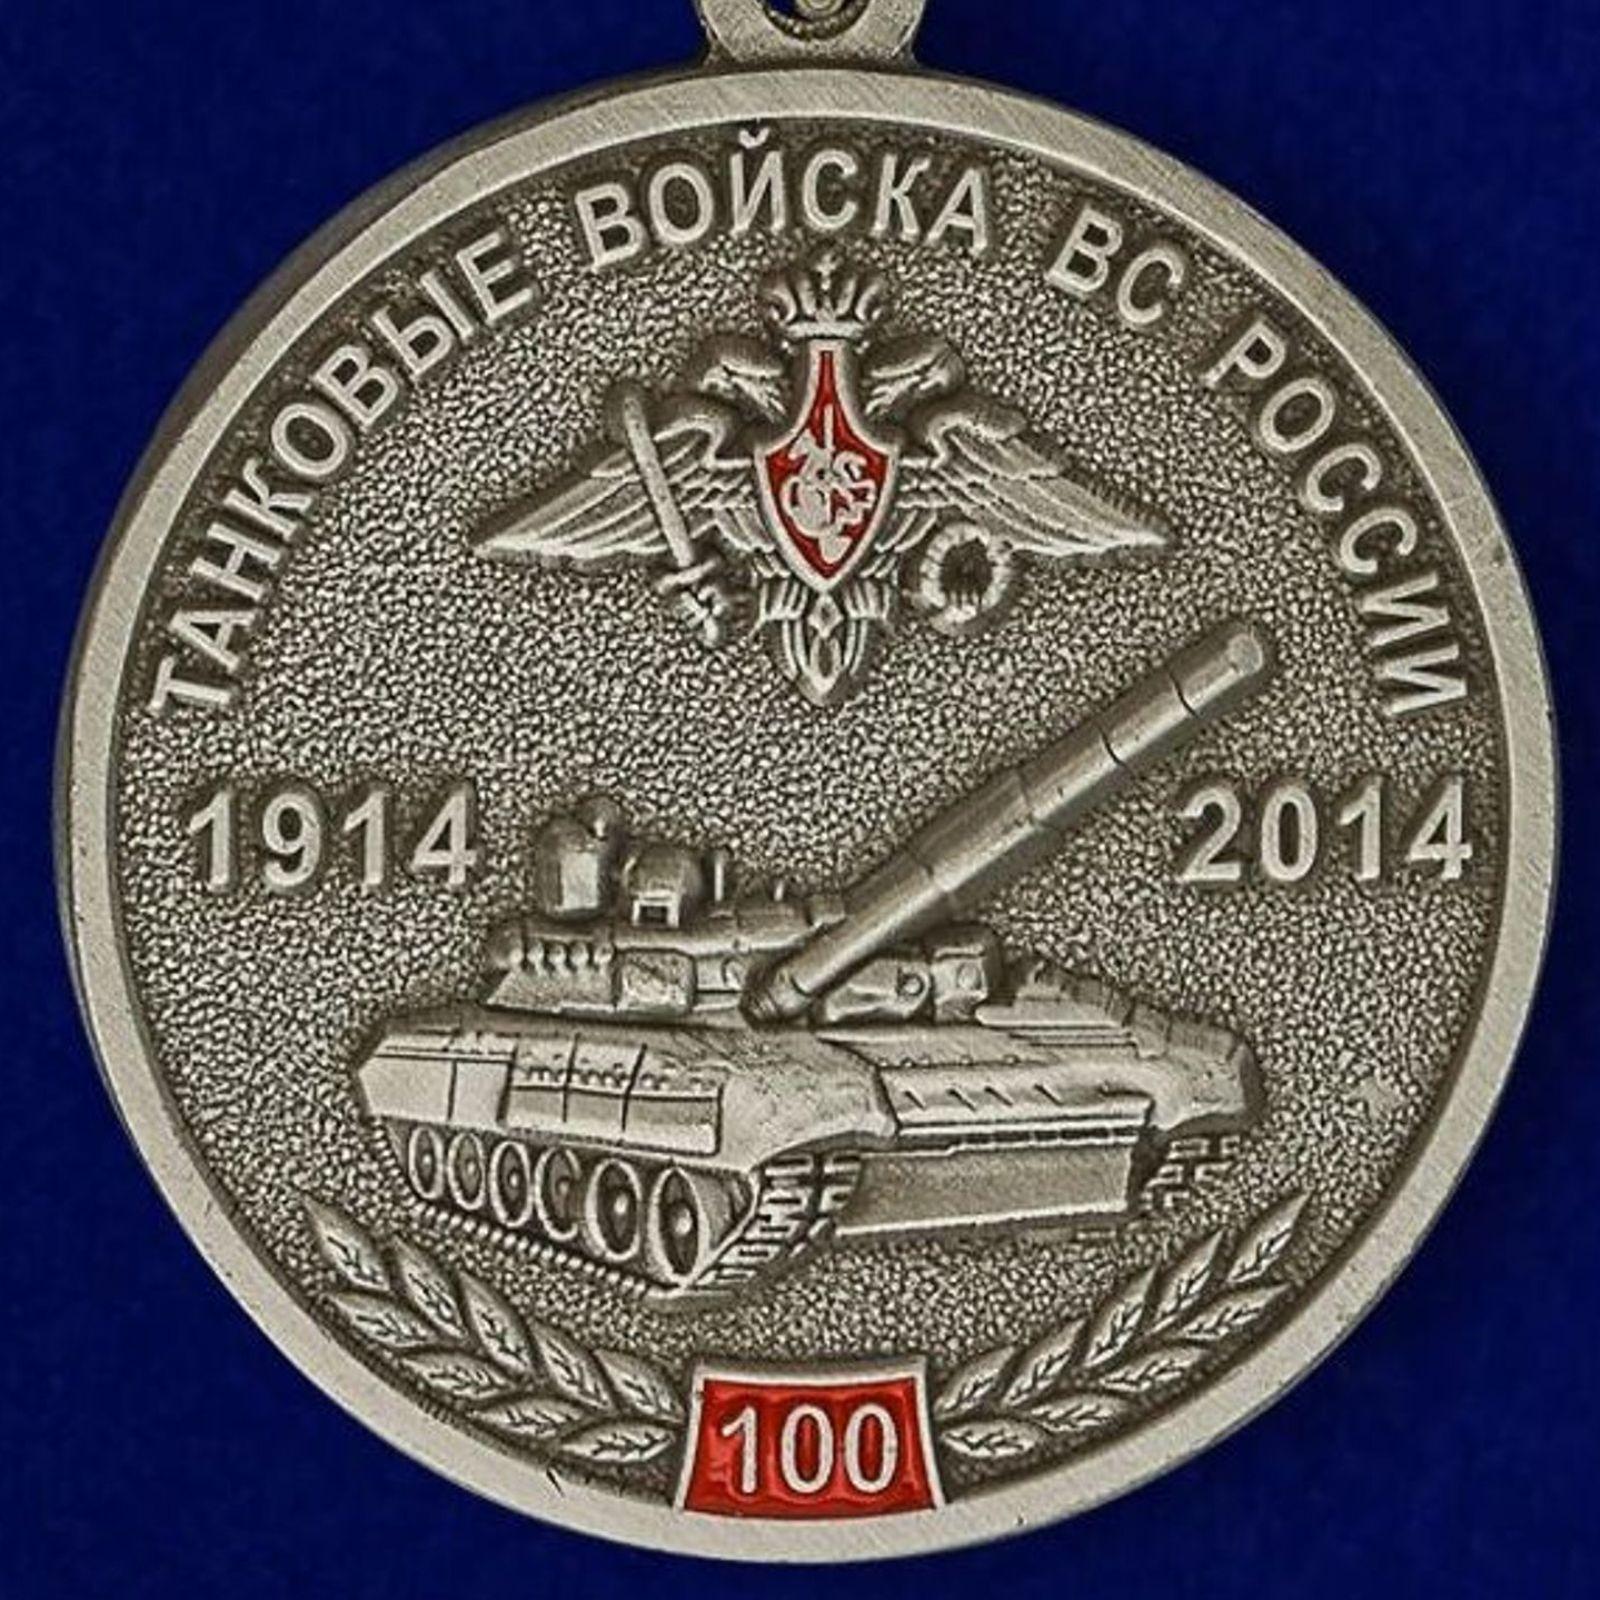 Купить медаль 100 лет Танковым войскам ВС РФ в оригинальном футляре из флока